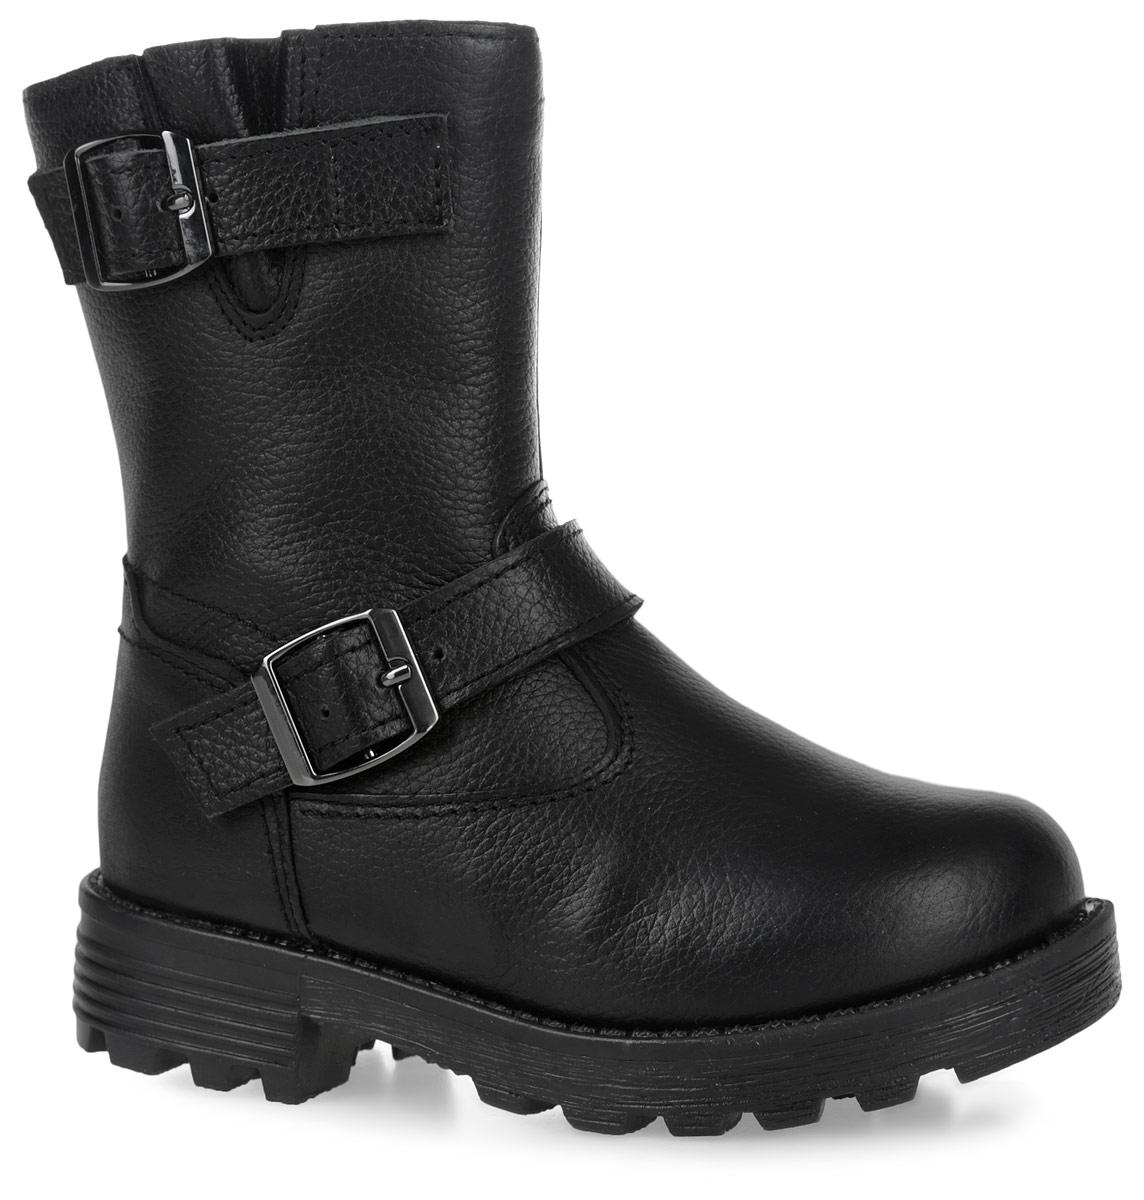 11199-1Пполусапоги от Зебра выполнены из натуральной кожи и оформлены декоративными ремешками. Застежка-молния надежно фиксирует изделие на ноге. Мягкая подкладка и стелька из натурального меха обеспечивают тепло, циркуляцию воздуха и сохраняют комфортный микроклимат в обуви.